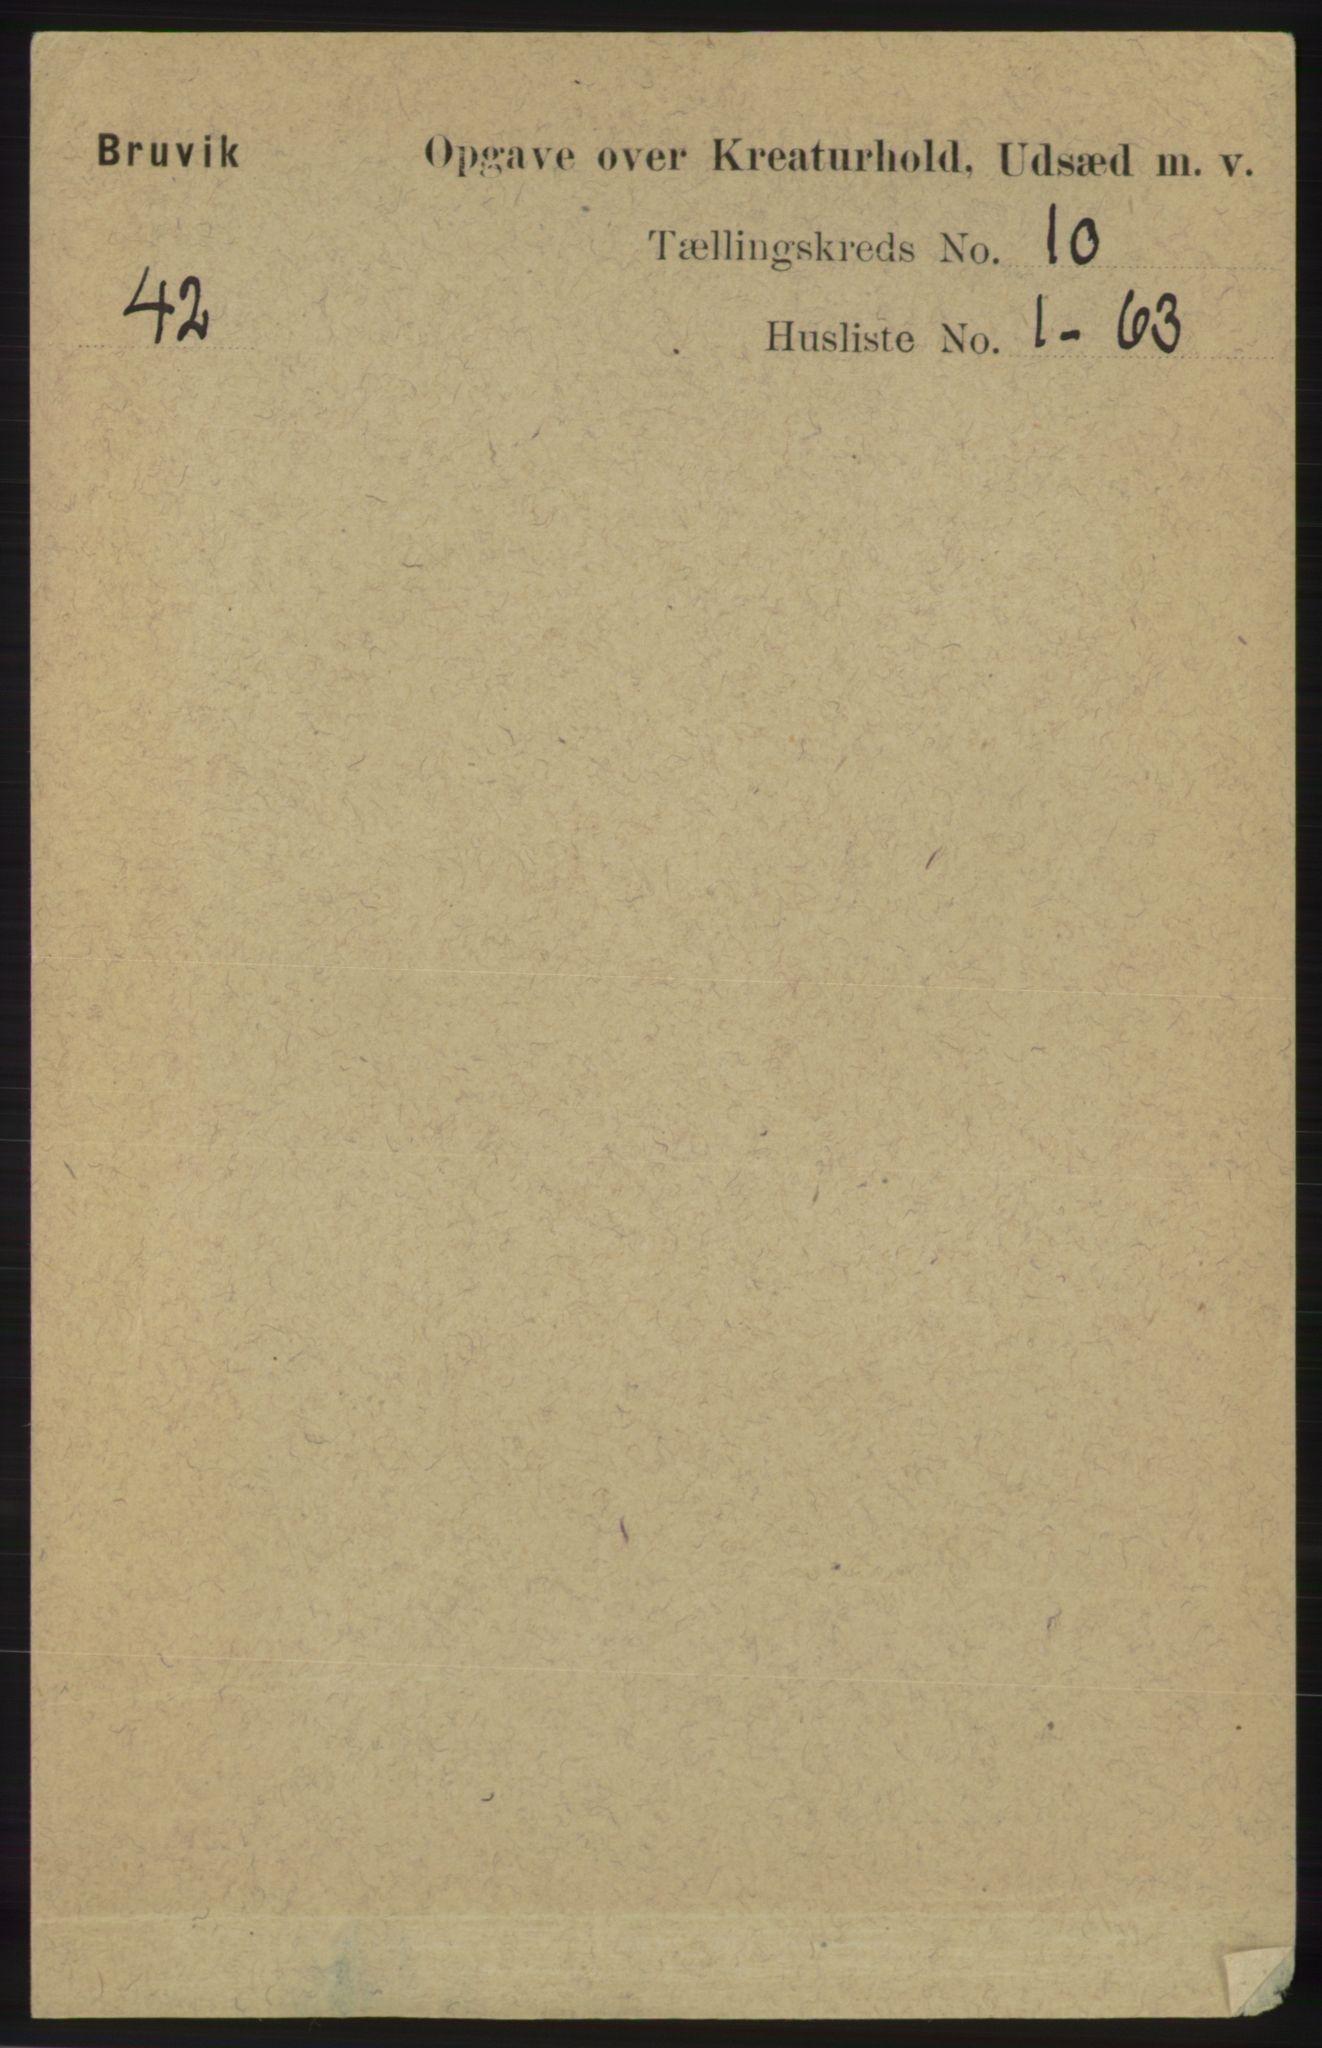 RA, Folketelling 1891 for 1251 Bruvik herred, 1891, s. 4895